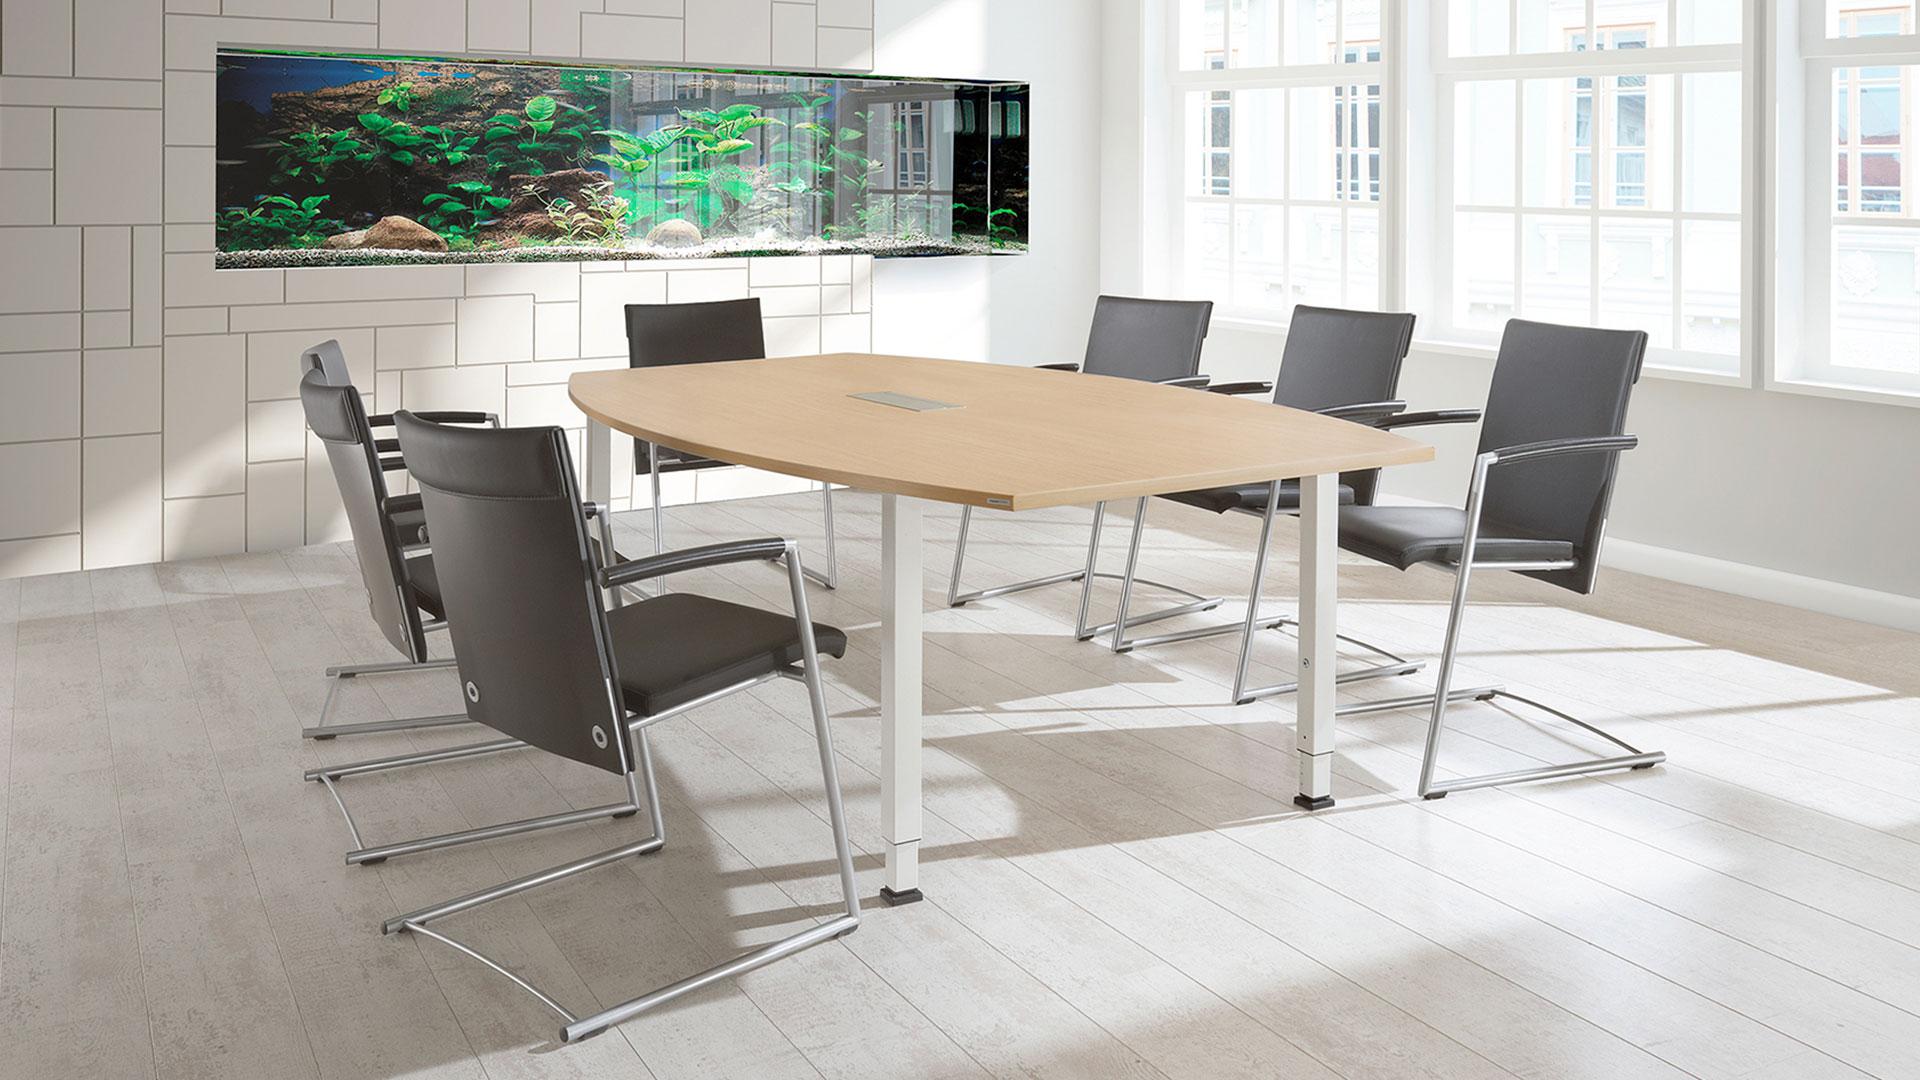 Besprechungstisch-Konferenztisch-Bootsform-ahorn-arcos-mauser-16-9_Pinie-grey